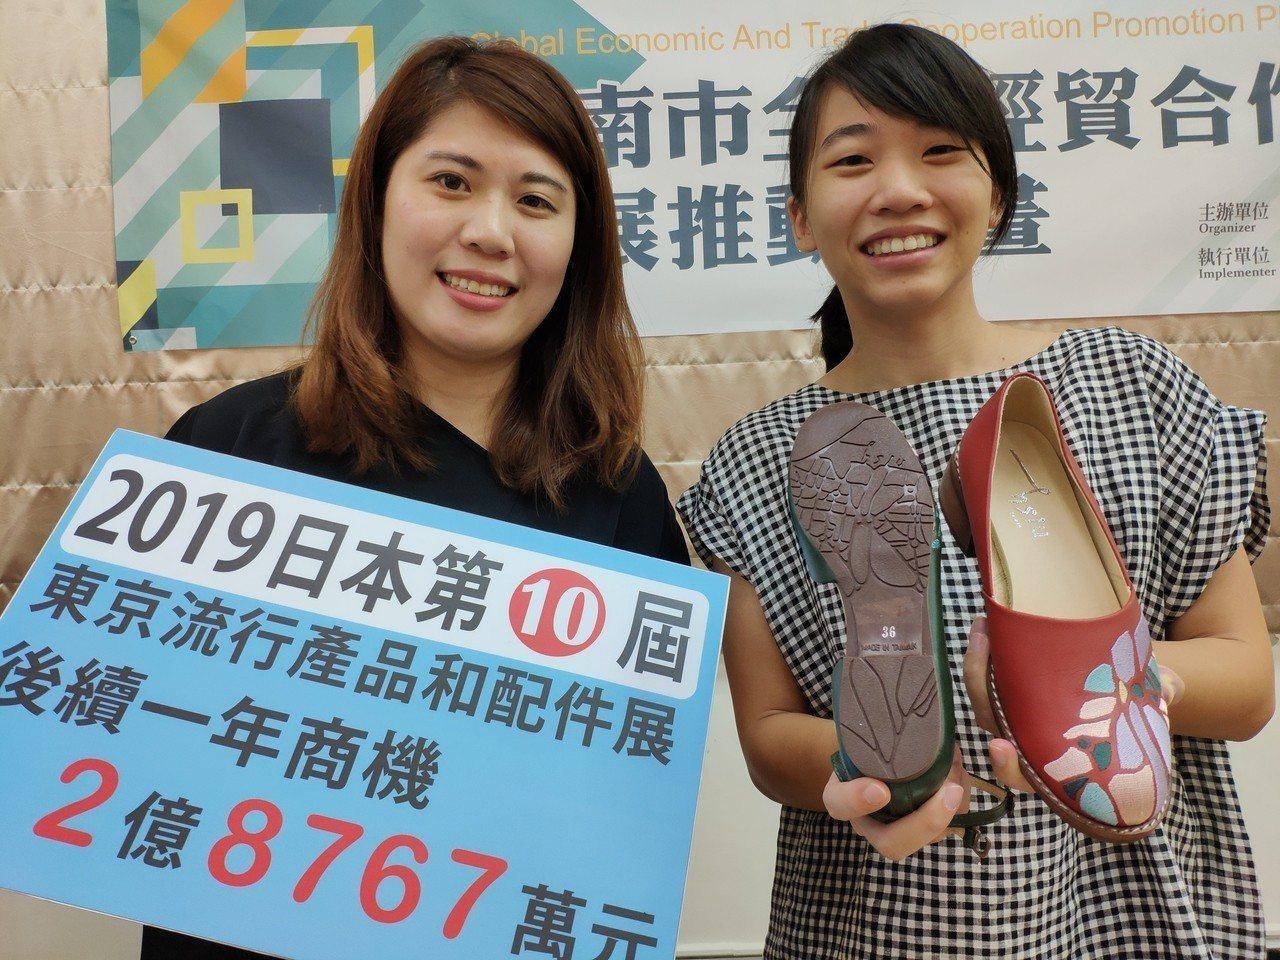 參展的繡覺公司秀出產品,其中繡花鞋鞋底是台南輿圖,展現創意。記者謝進盛/攝影